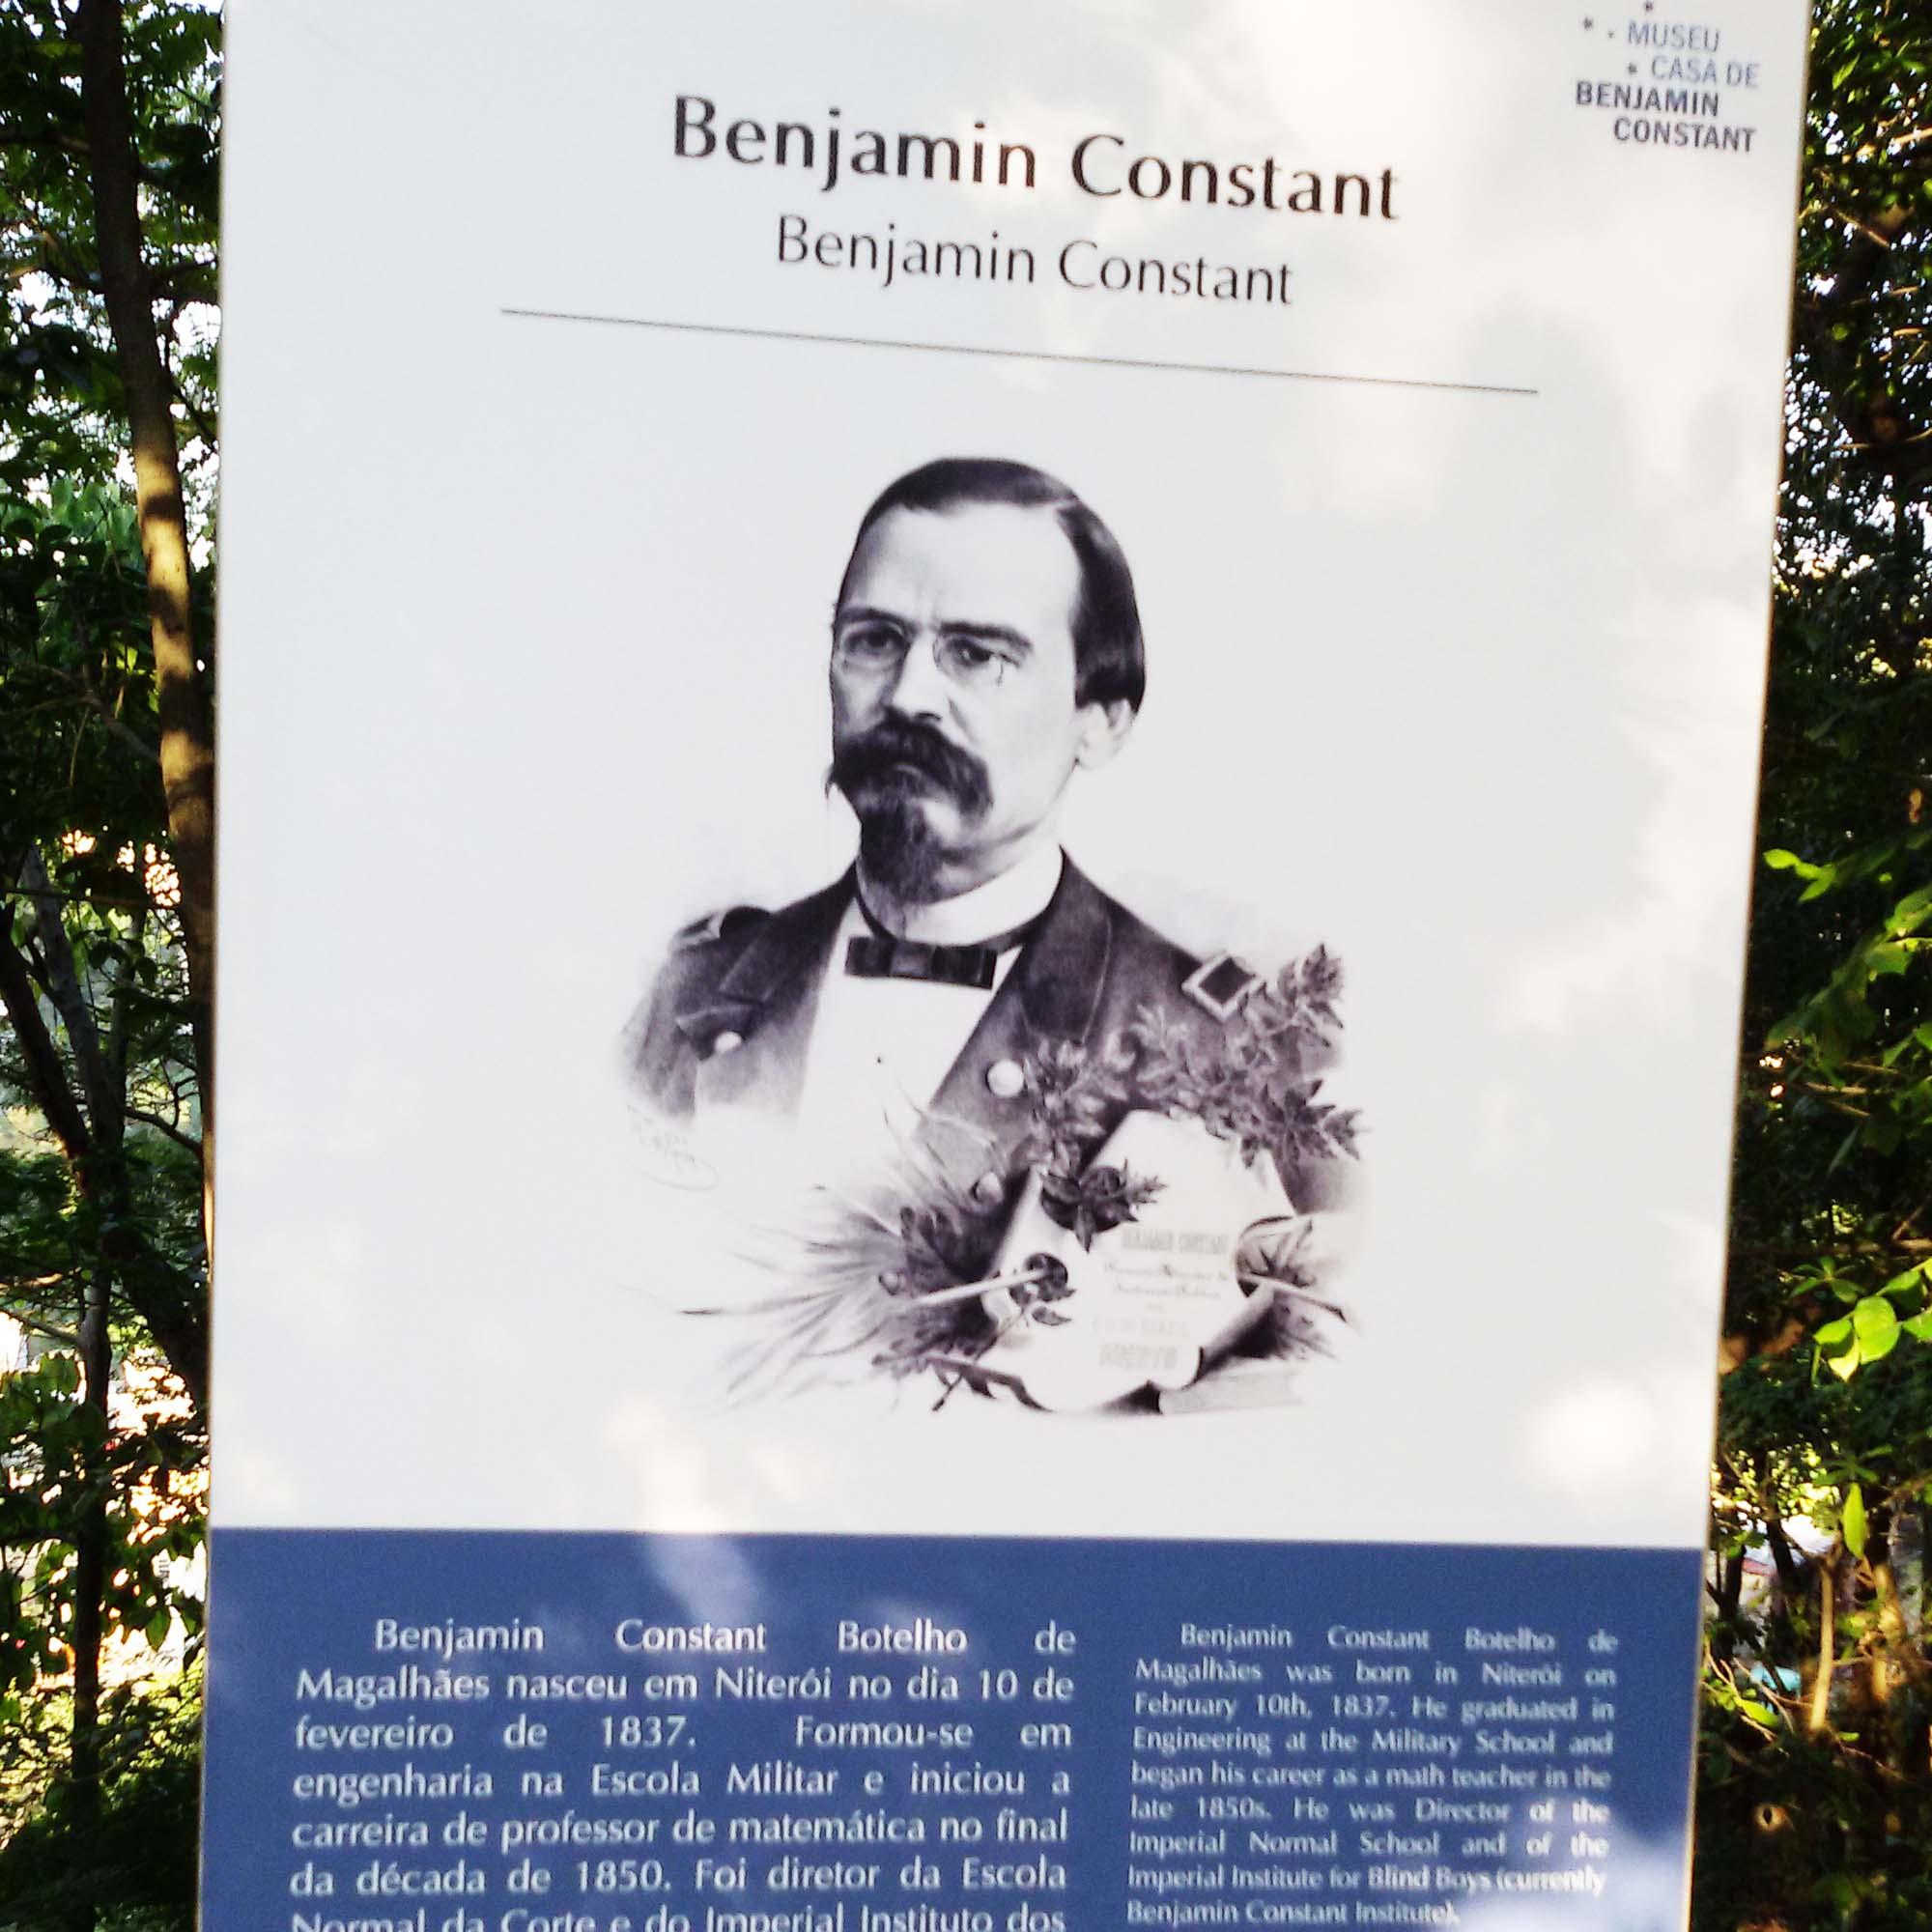 rioecultura : EXPO Exposi��o de Percurso : Museu Casa de Benjamin Constant